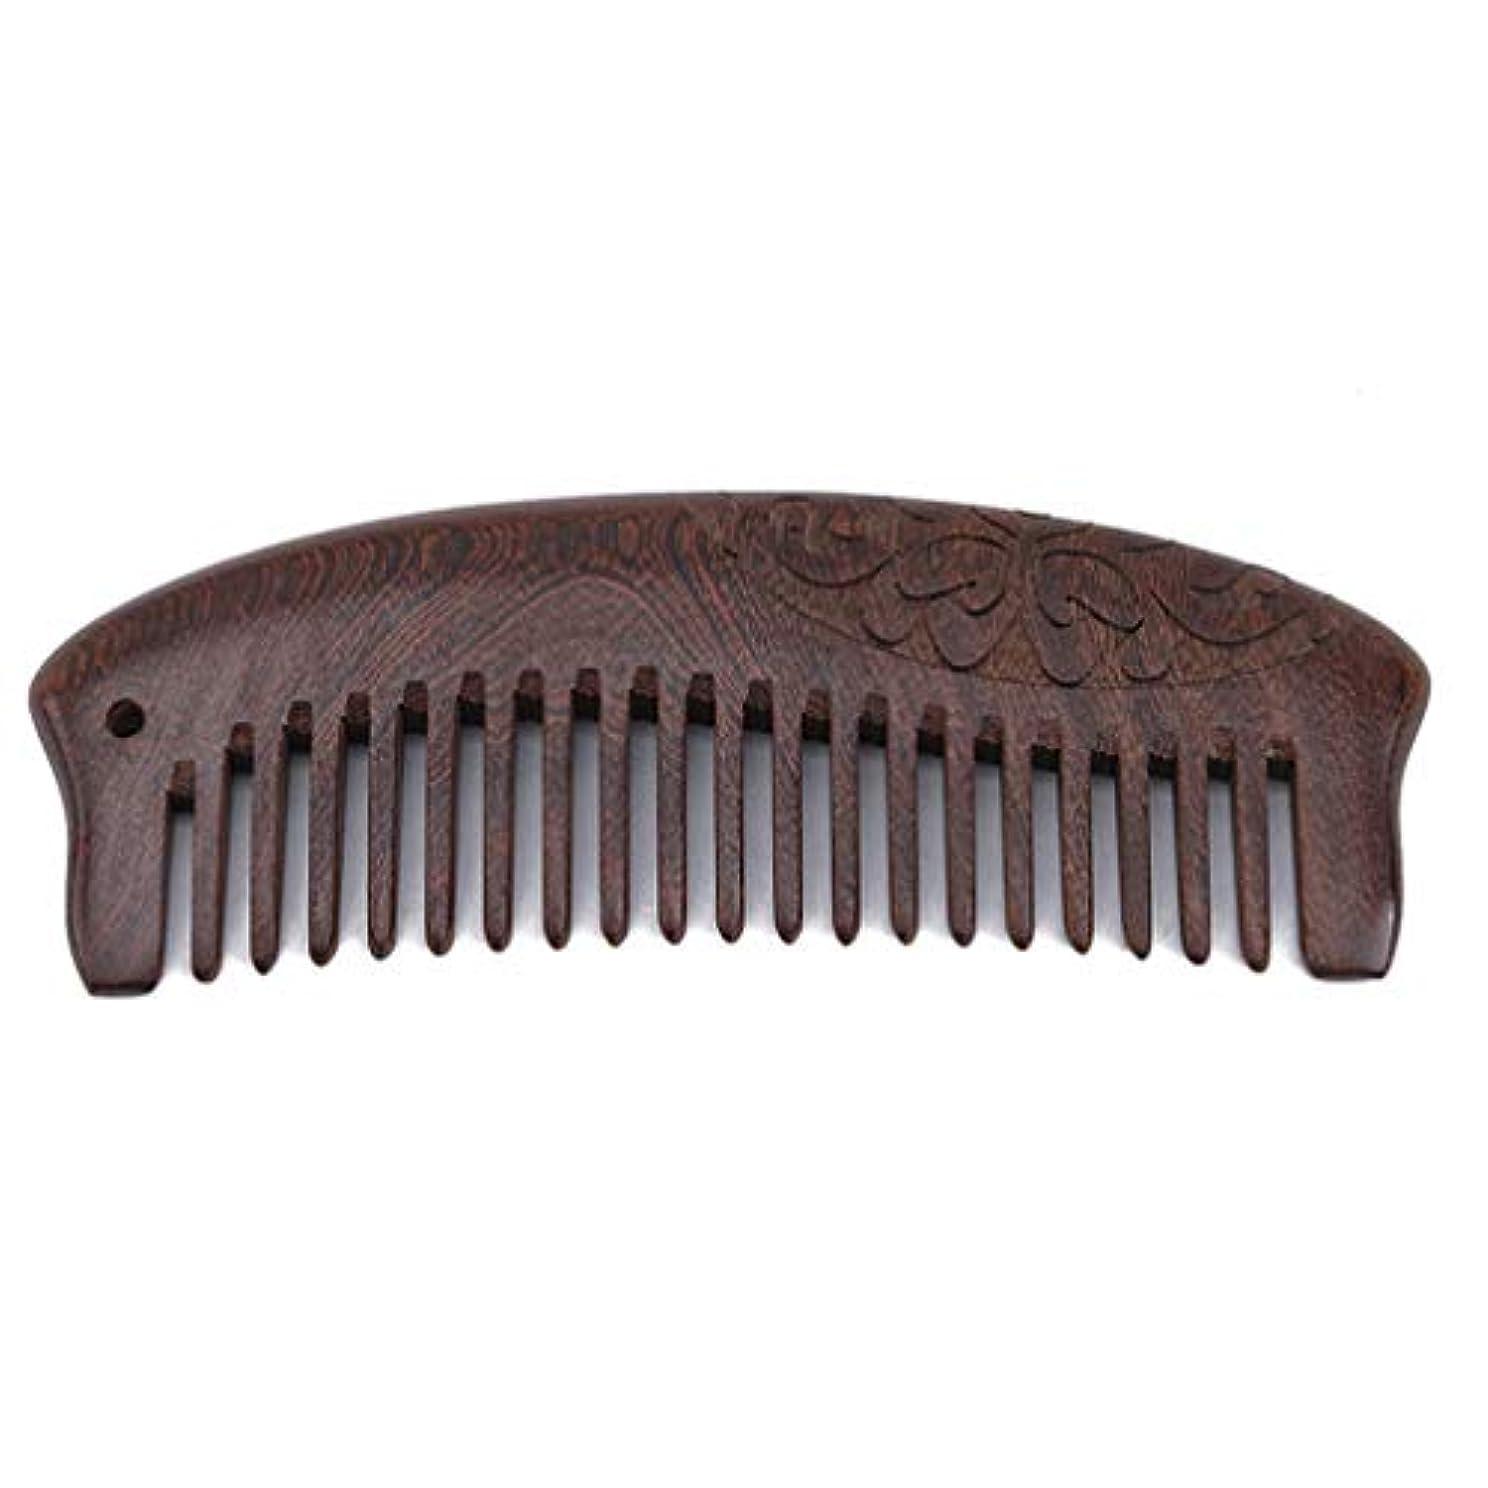 剛性リム爆発LJSLYJ ポケット木製櫛天然白檀の櫛両面彫刻広い歯帯電防止櫛ひげ理髪ツール